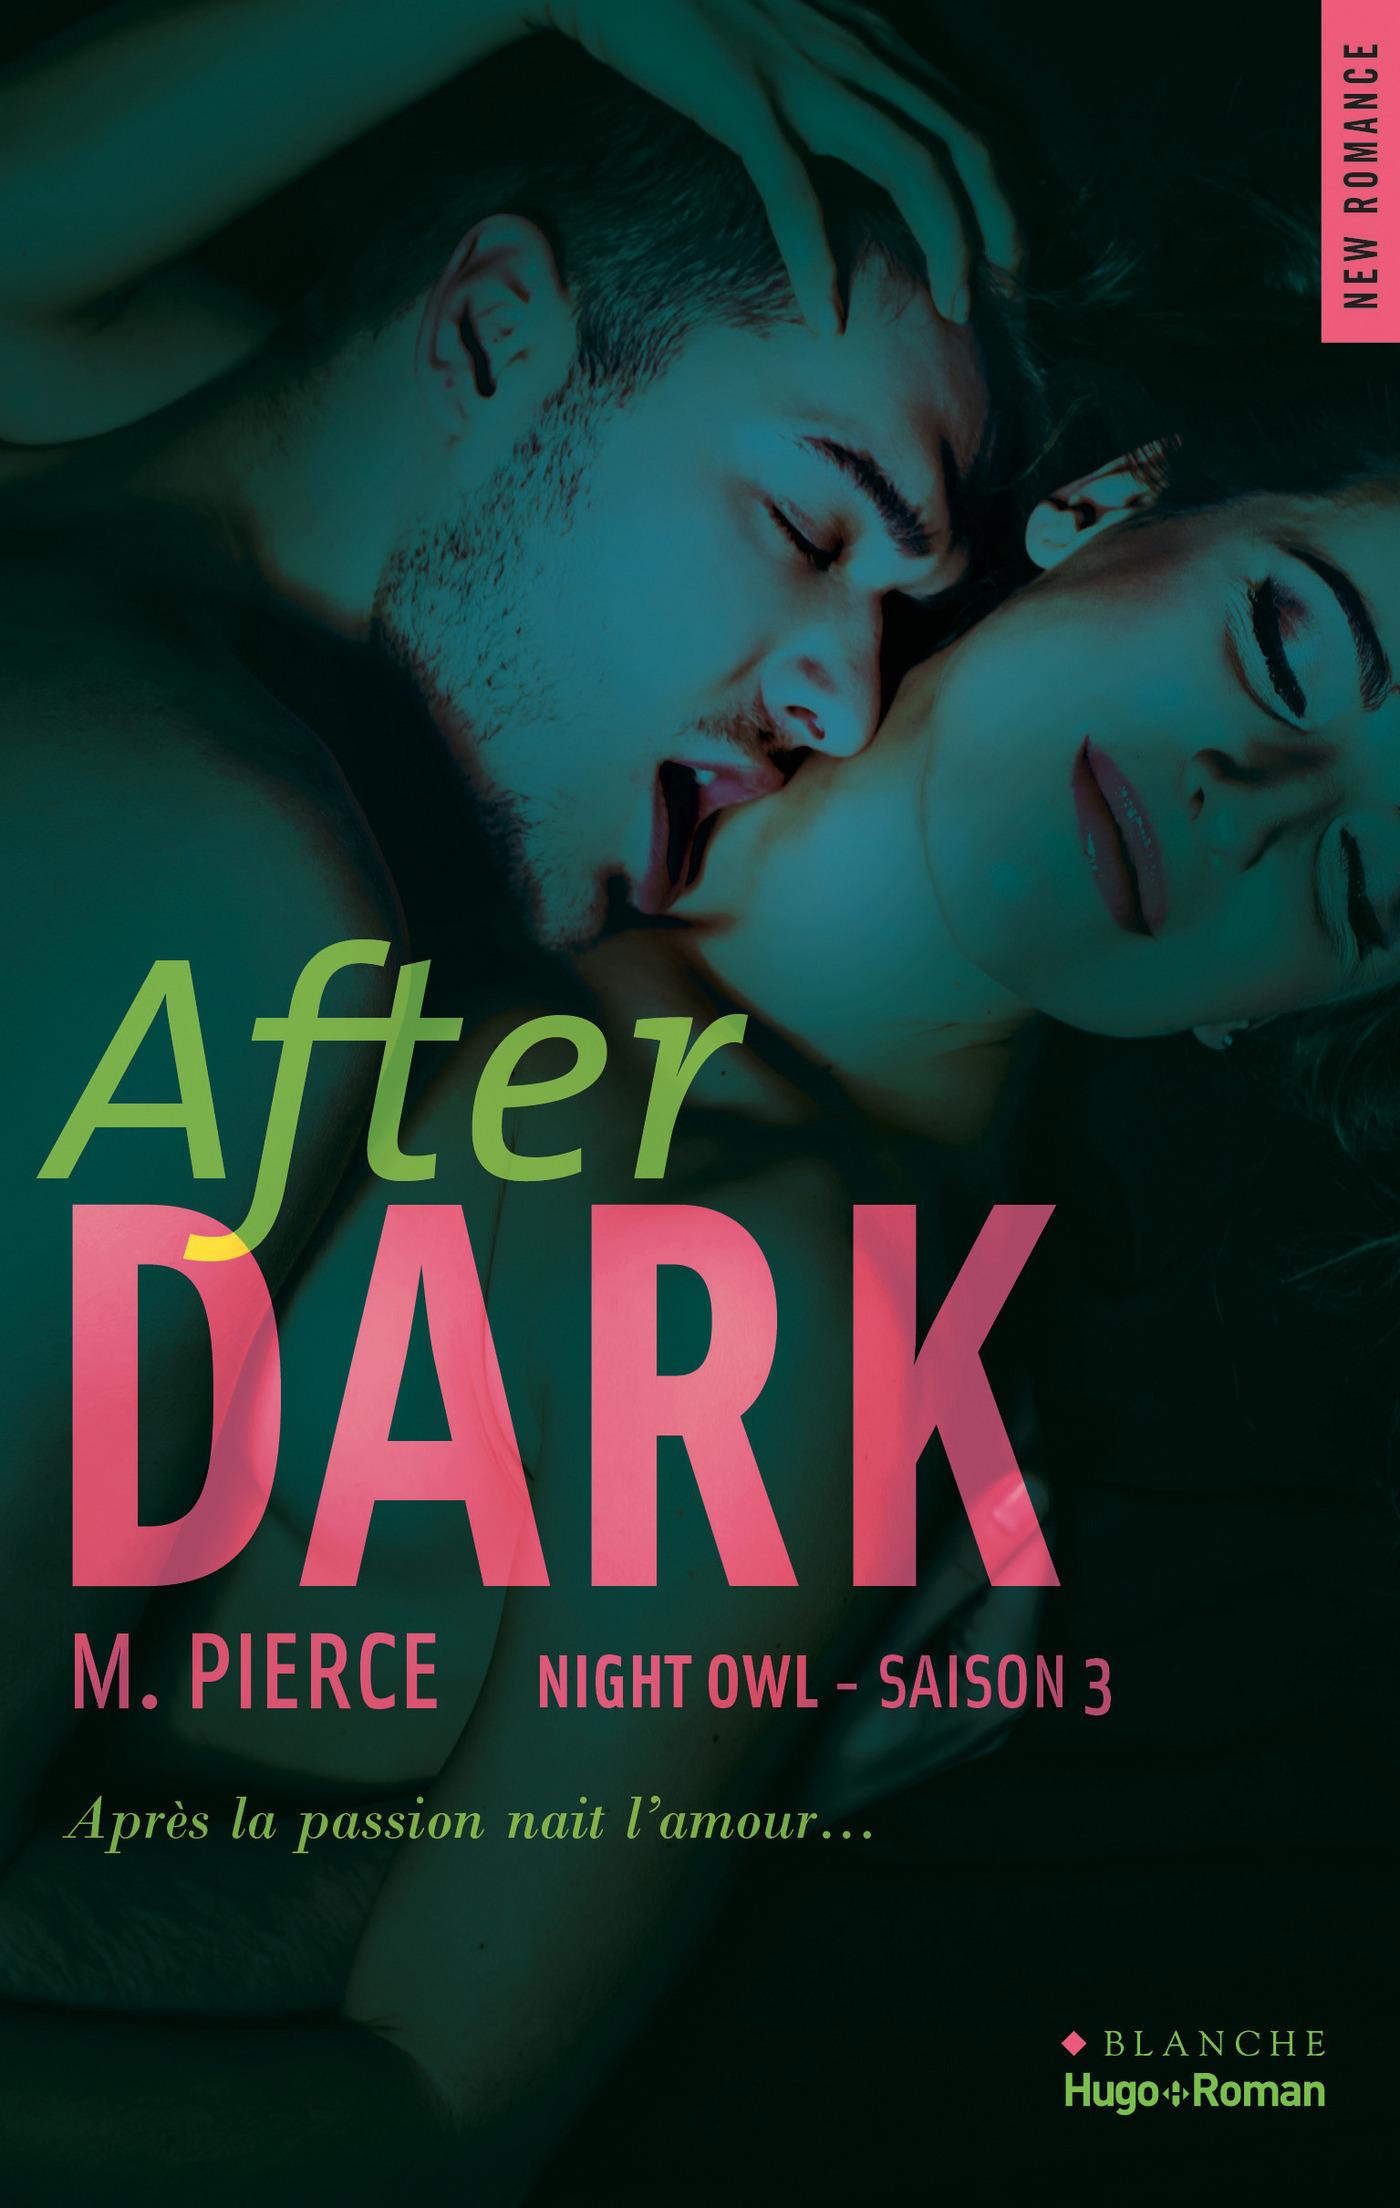 After Dark Saison 3 Night Owl (Extrait offert) (ebook)